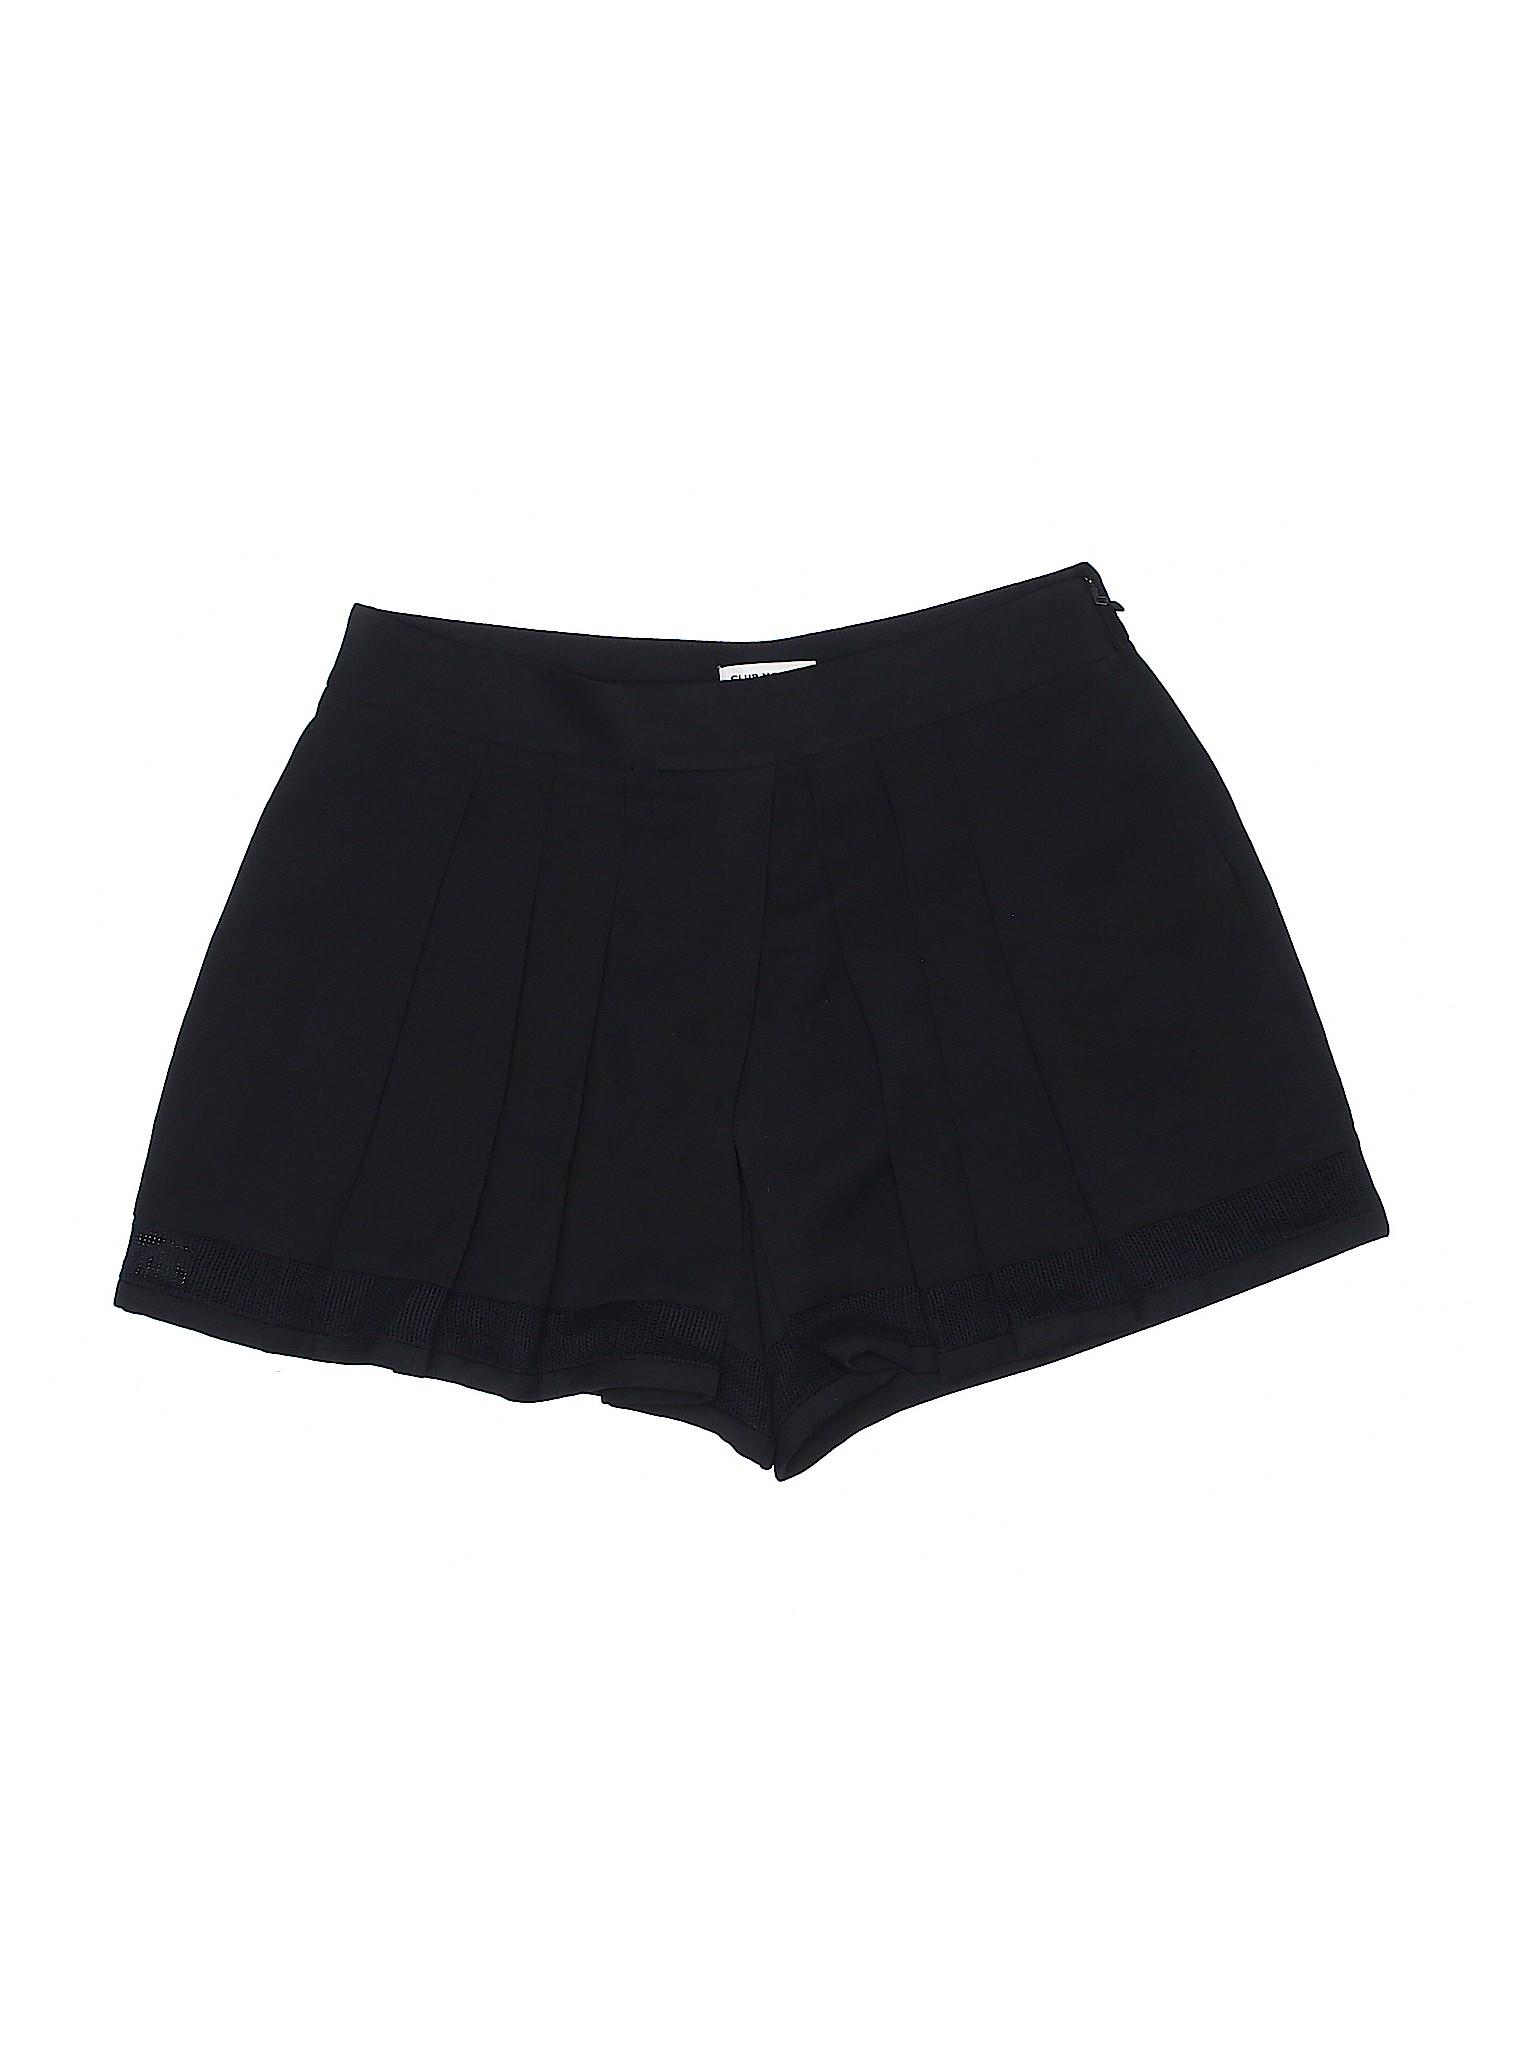 Dressy Boutique Club Boutique Monaco Shorts Club IO8xzwqO